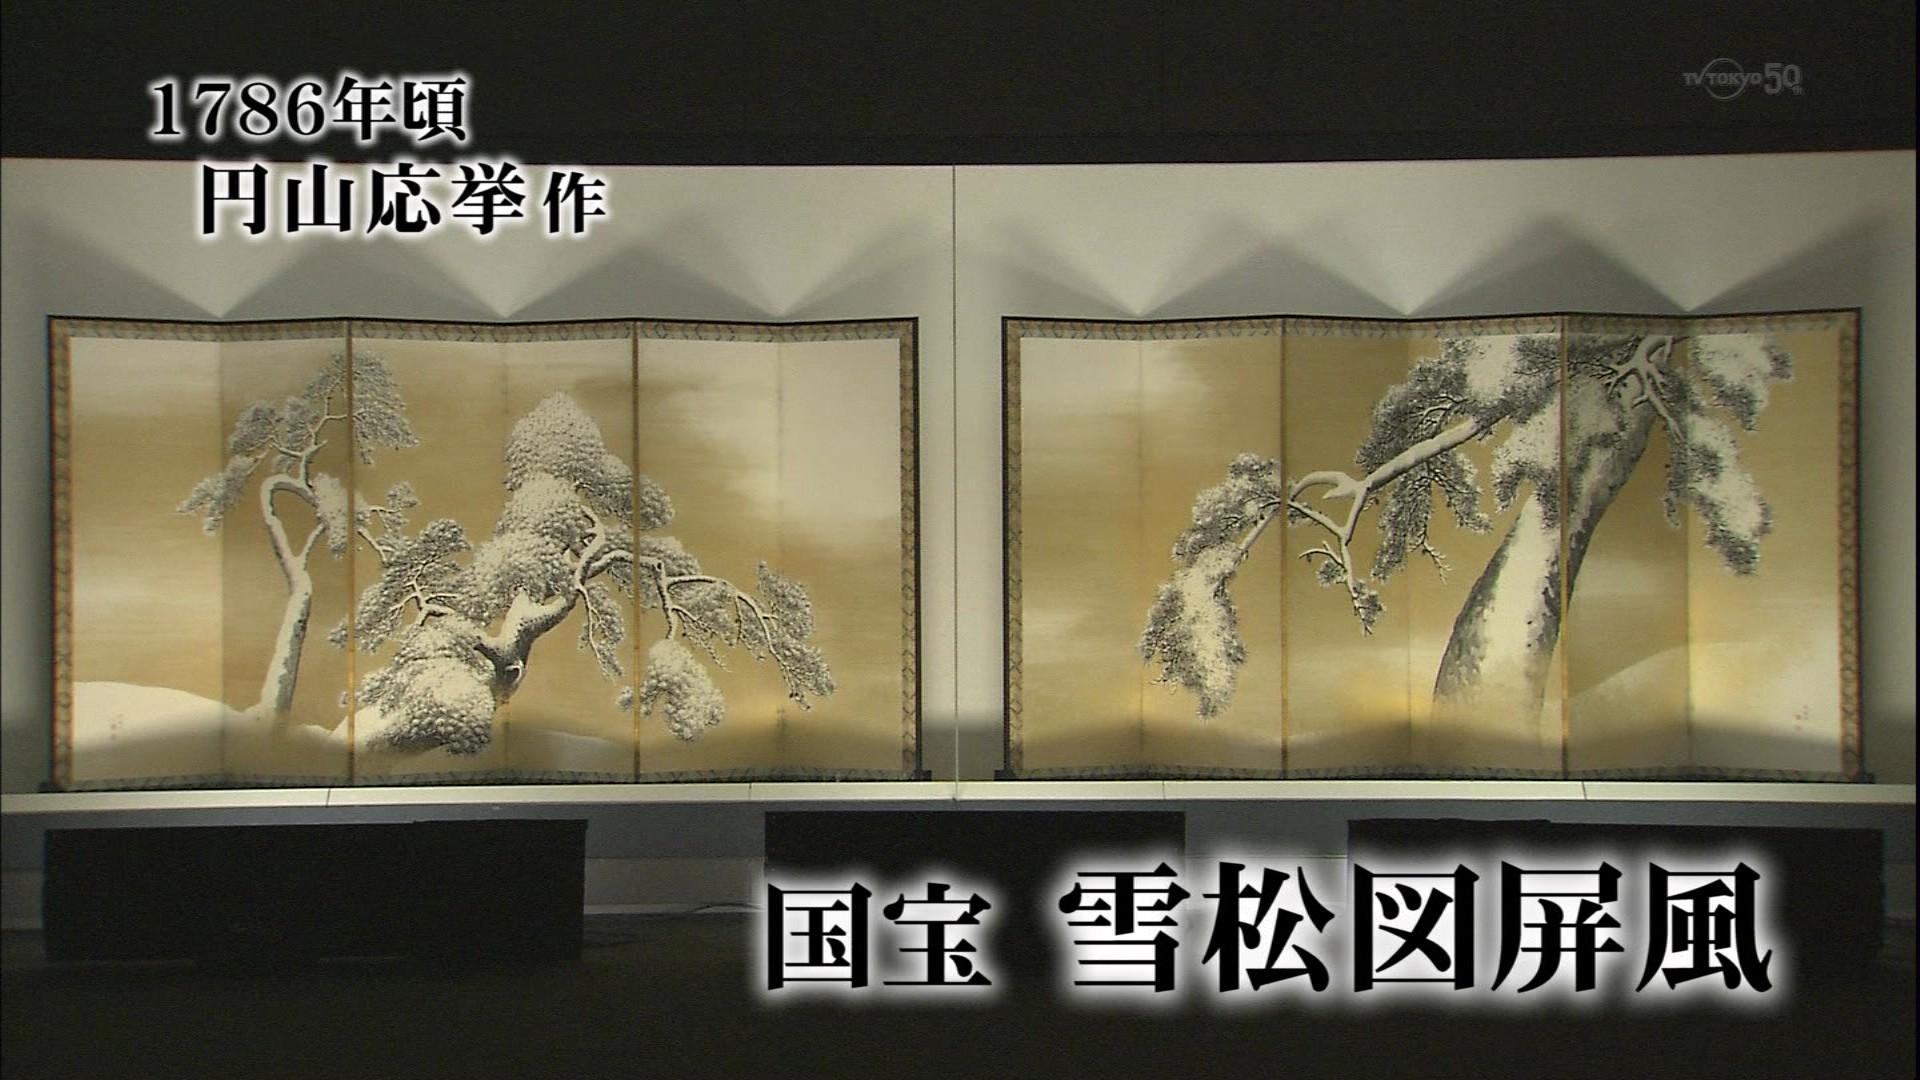 円山応挙の画像 p1_36